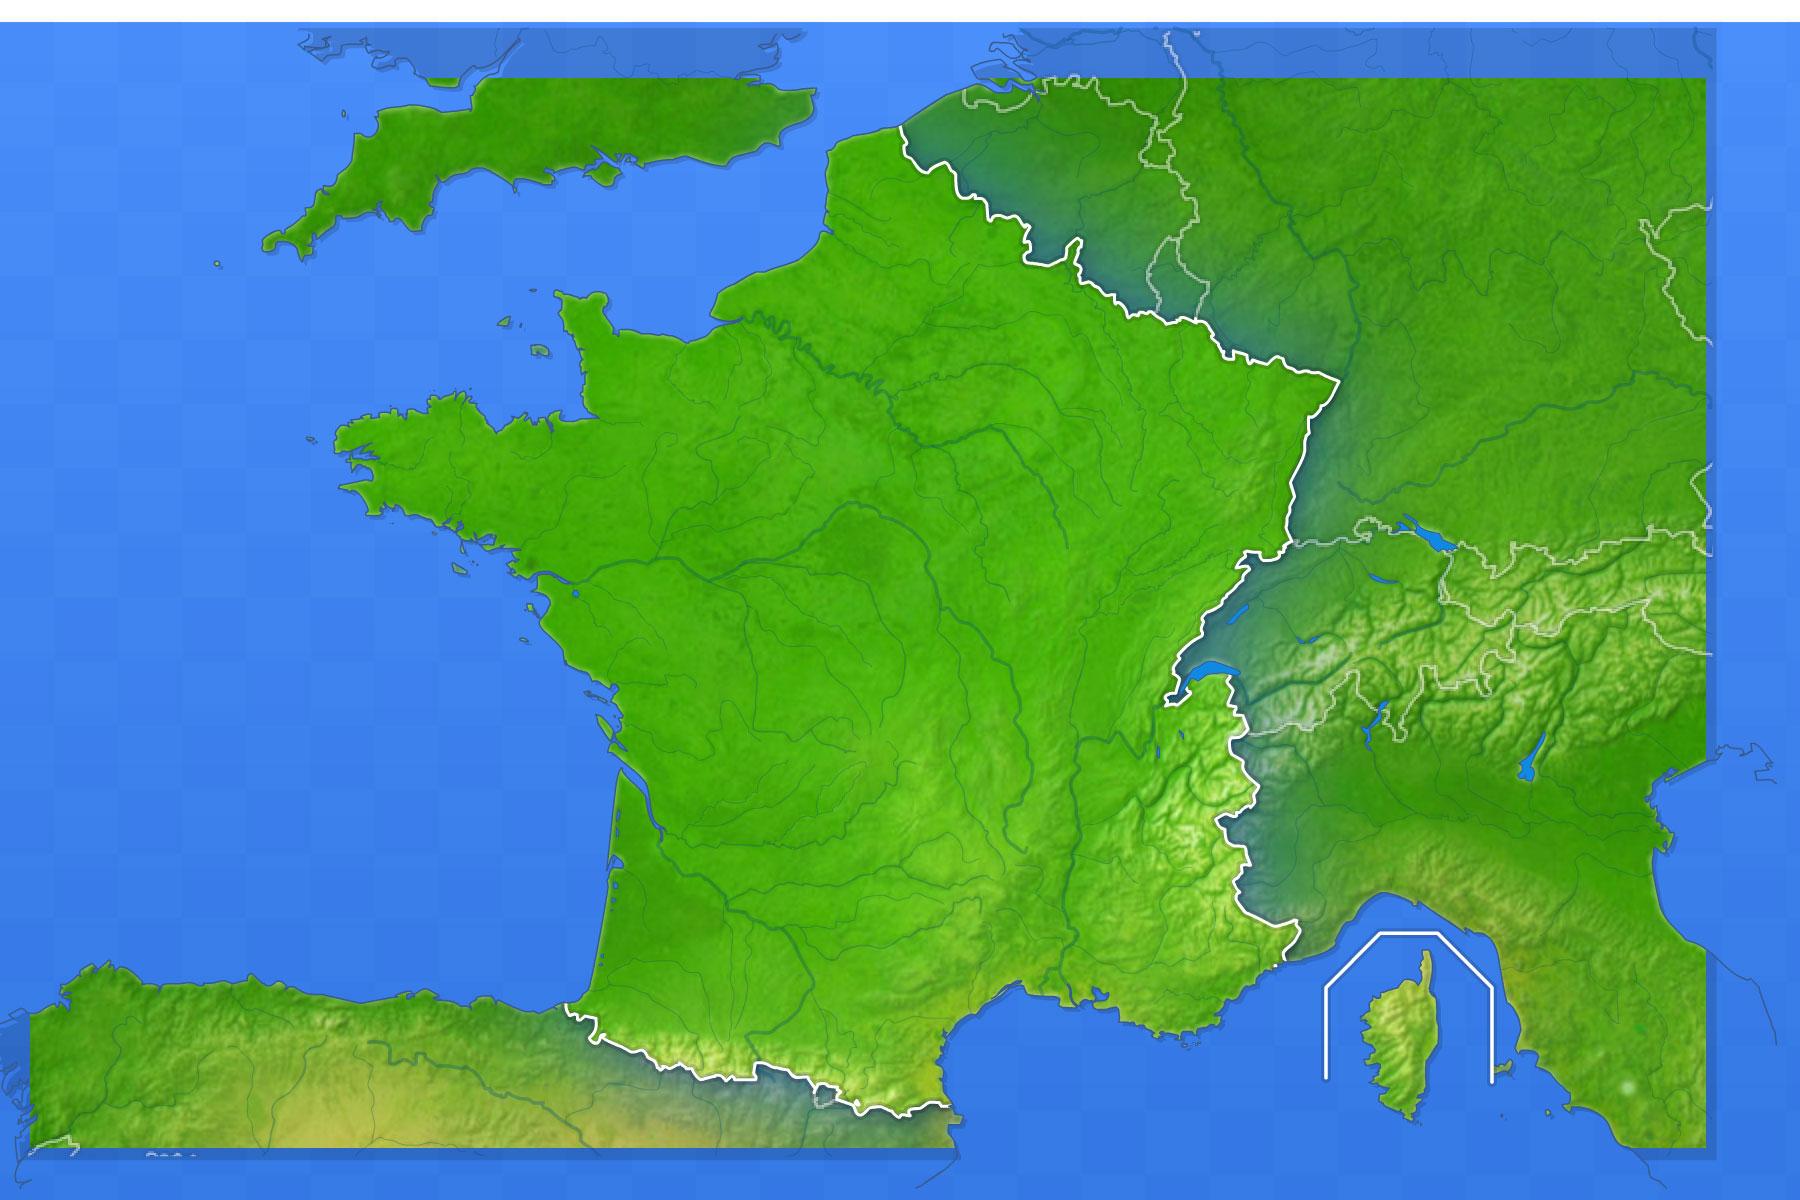 Jeux-Geographiques Jeux Gratuits Jeu Villes De France serapportantà Jeu Sur Les Régions De France